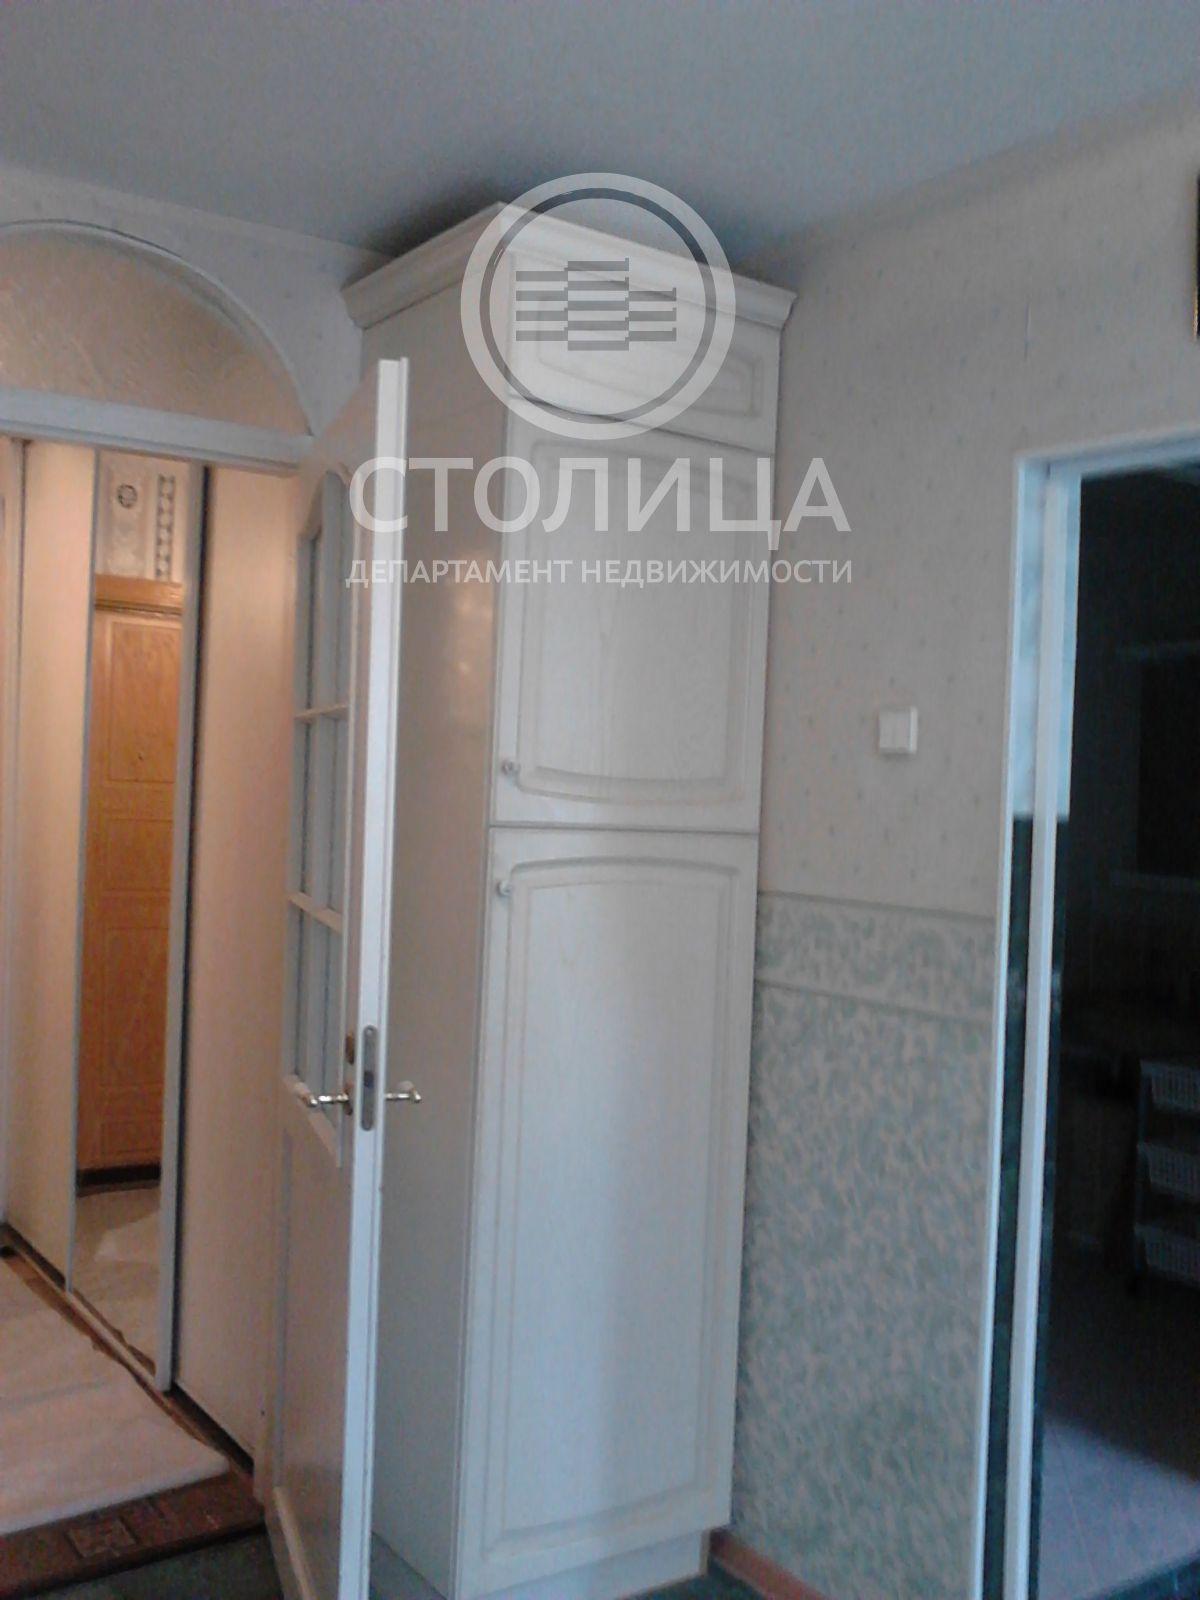 Квартира в аренду по адресу Россия, Московская область, Троицк, Сиреневый б-р, 6